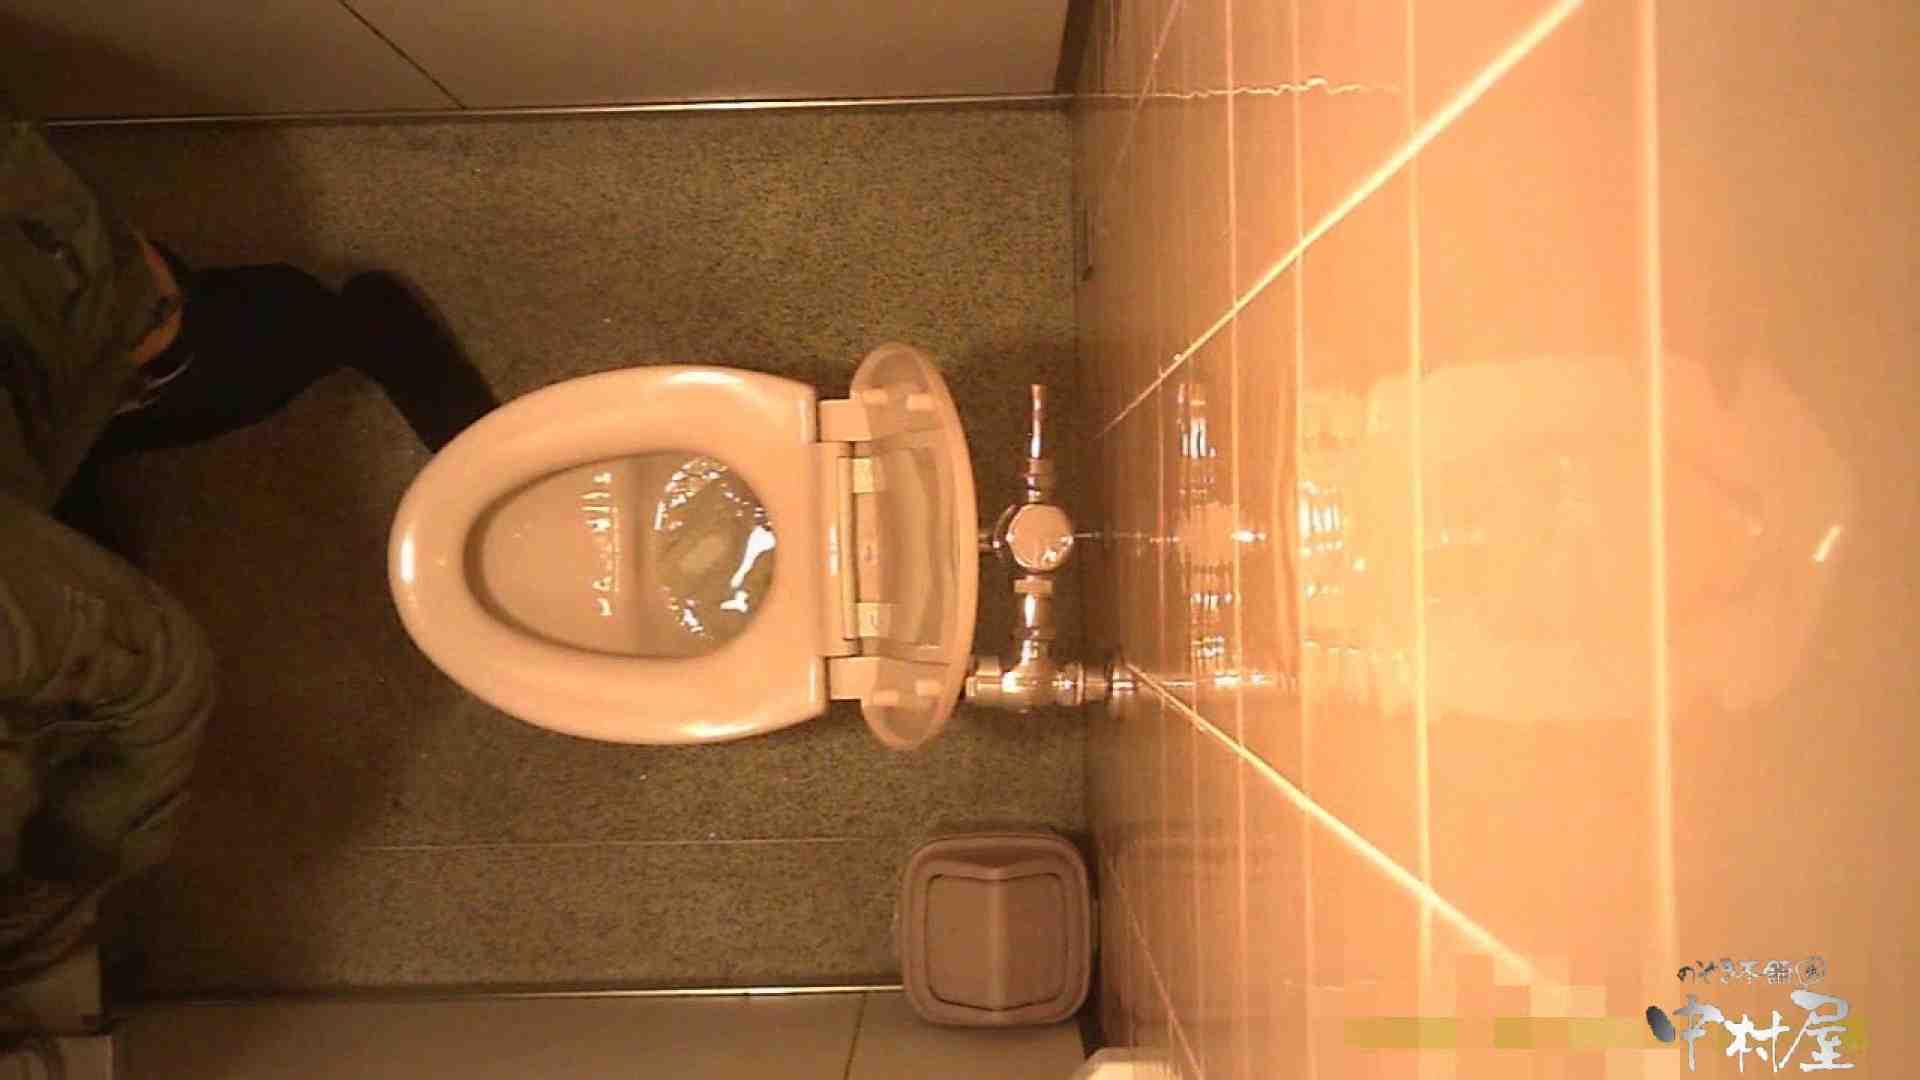 初盗撮!女盗撮師カレンさんの 潜入!女子トイレ盗撮!Vol.5 トイレの中の女の子 オメコ動画キャプチャ 36連発 22